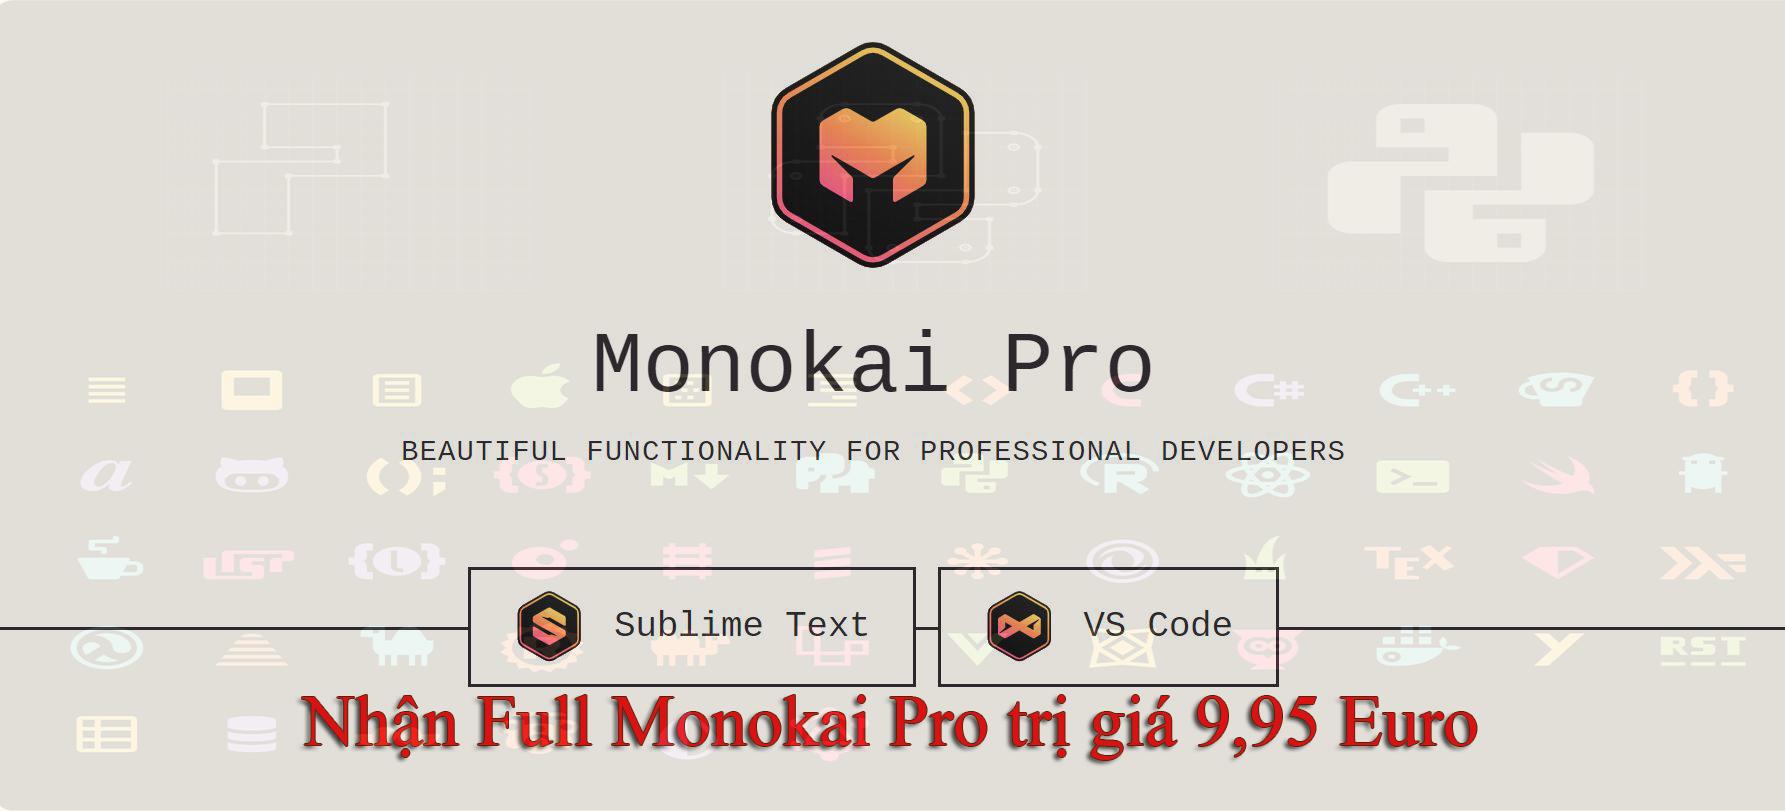 Monokai Pro